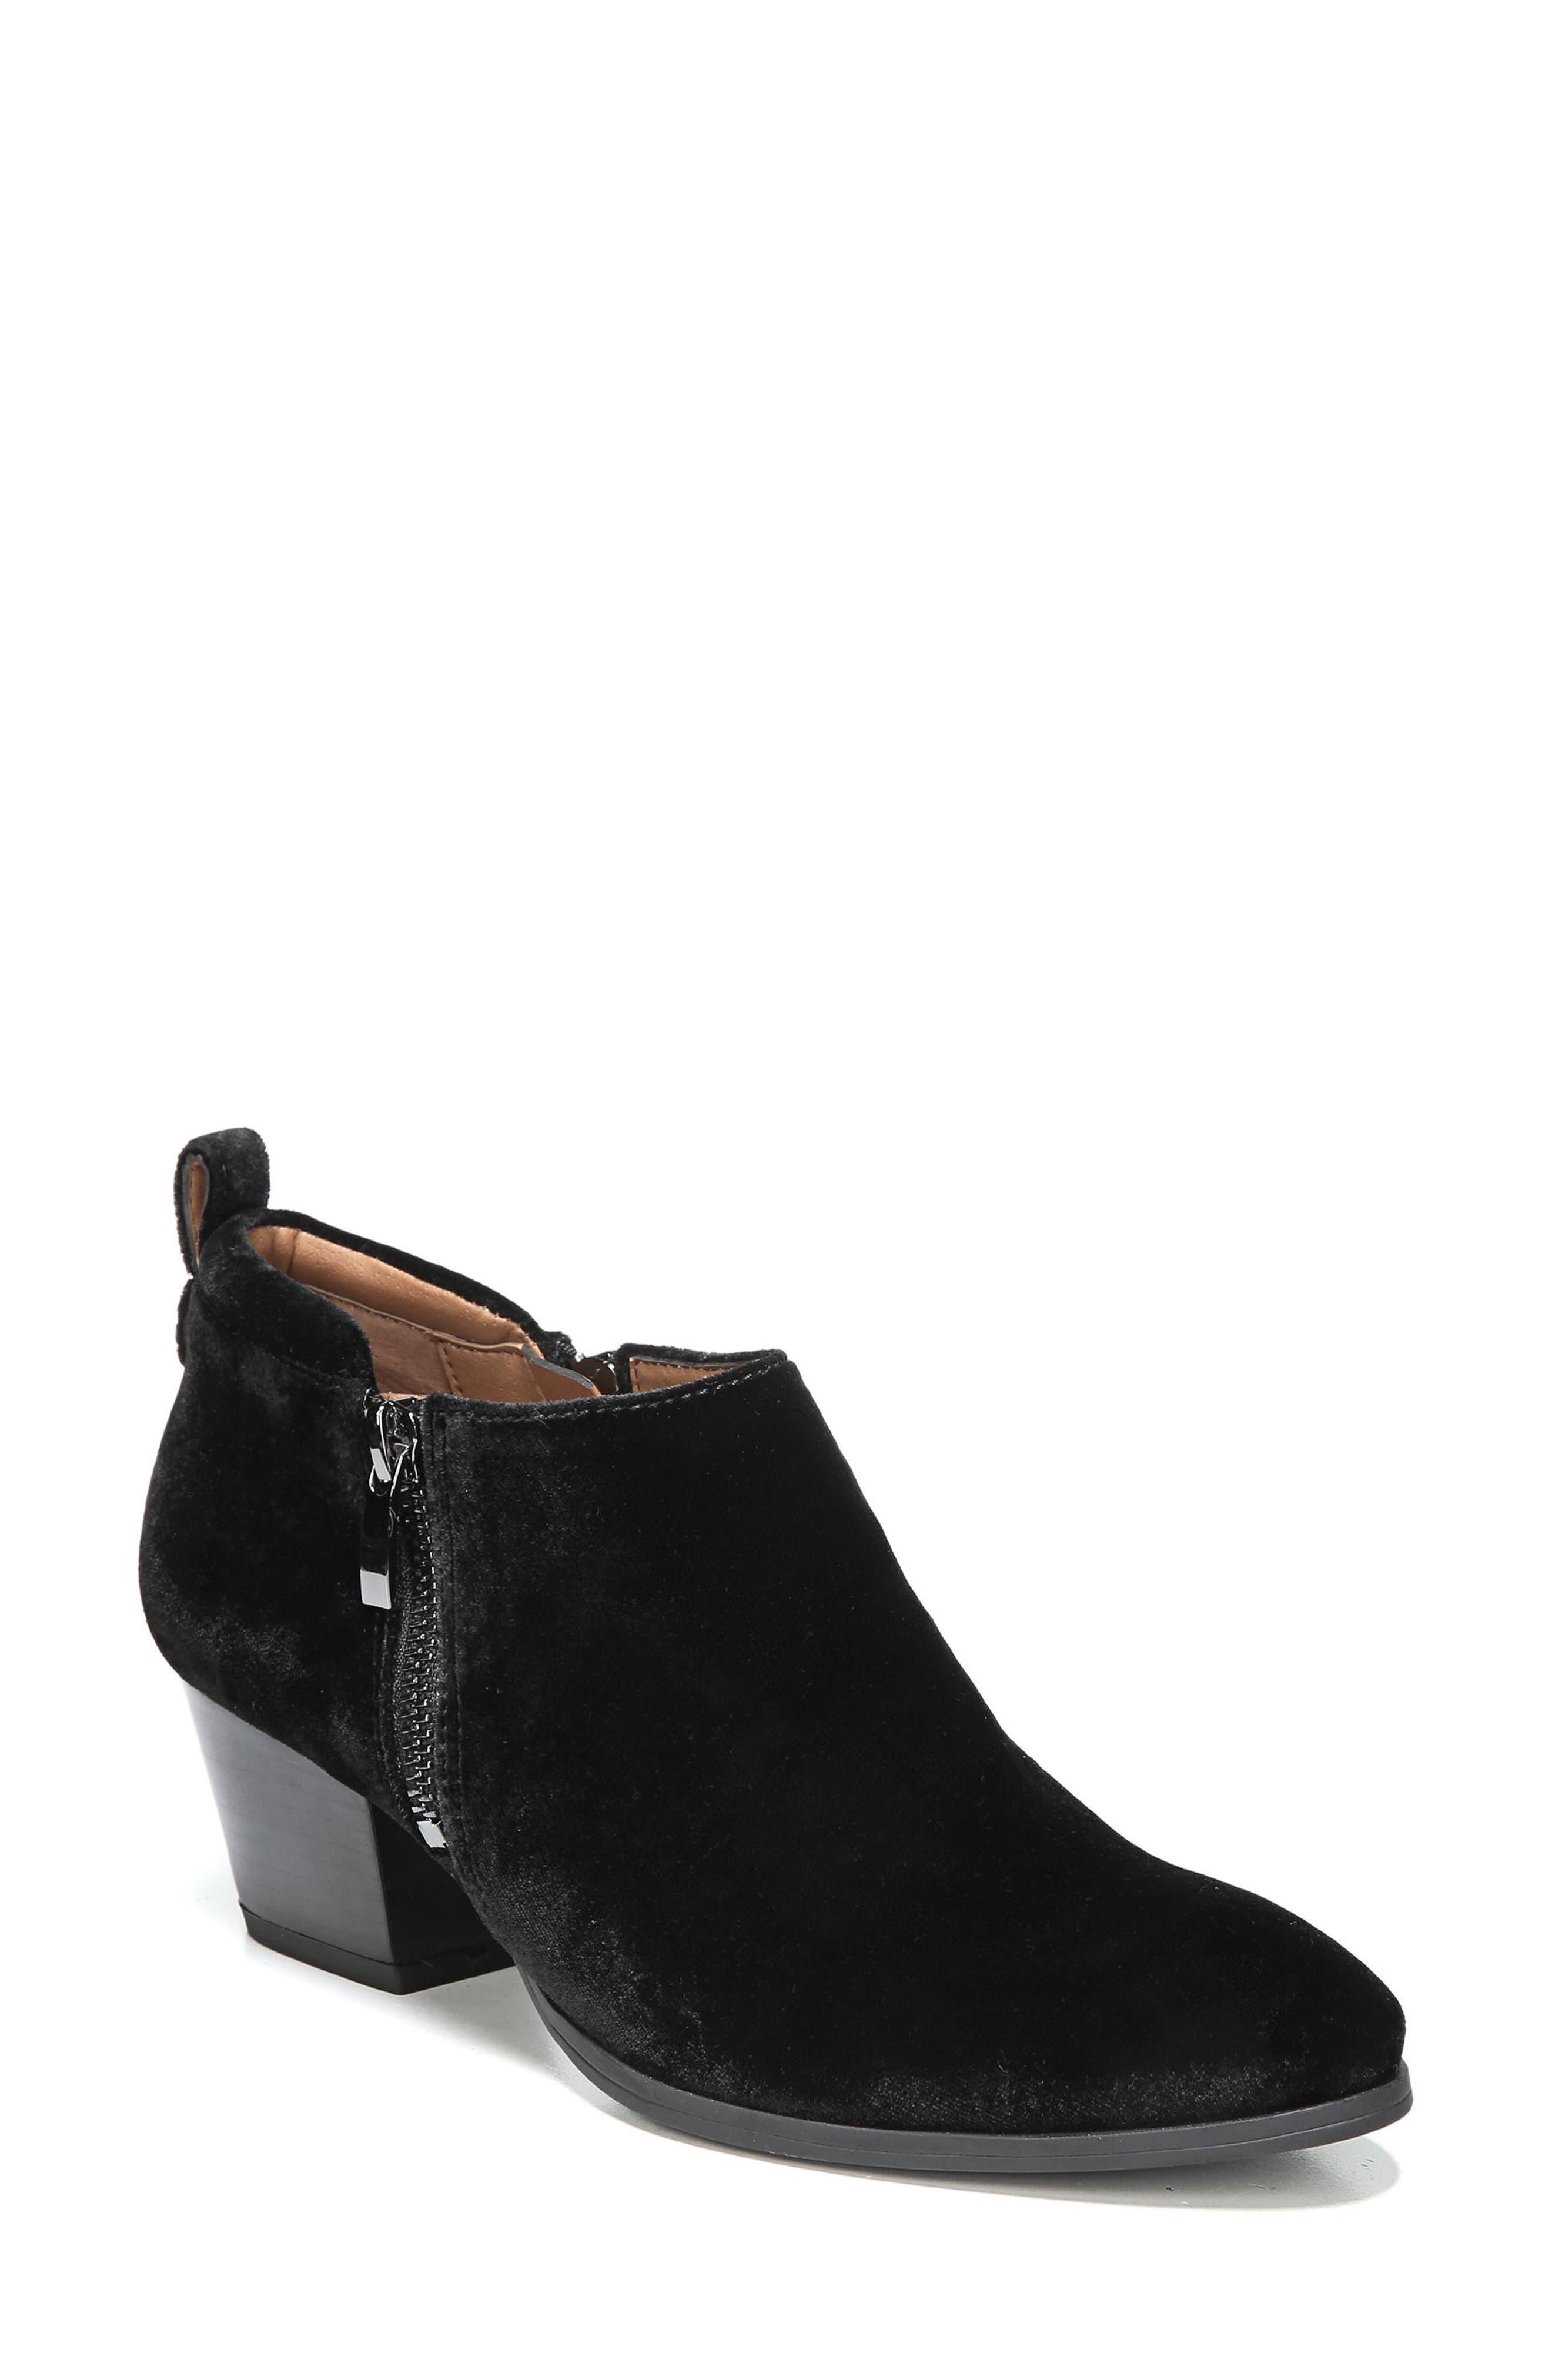 Main Image - SARTO by Franco Sarto 'Granite' Block Heel Bootie (Women)